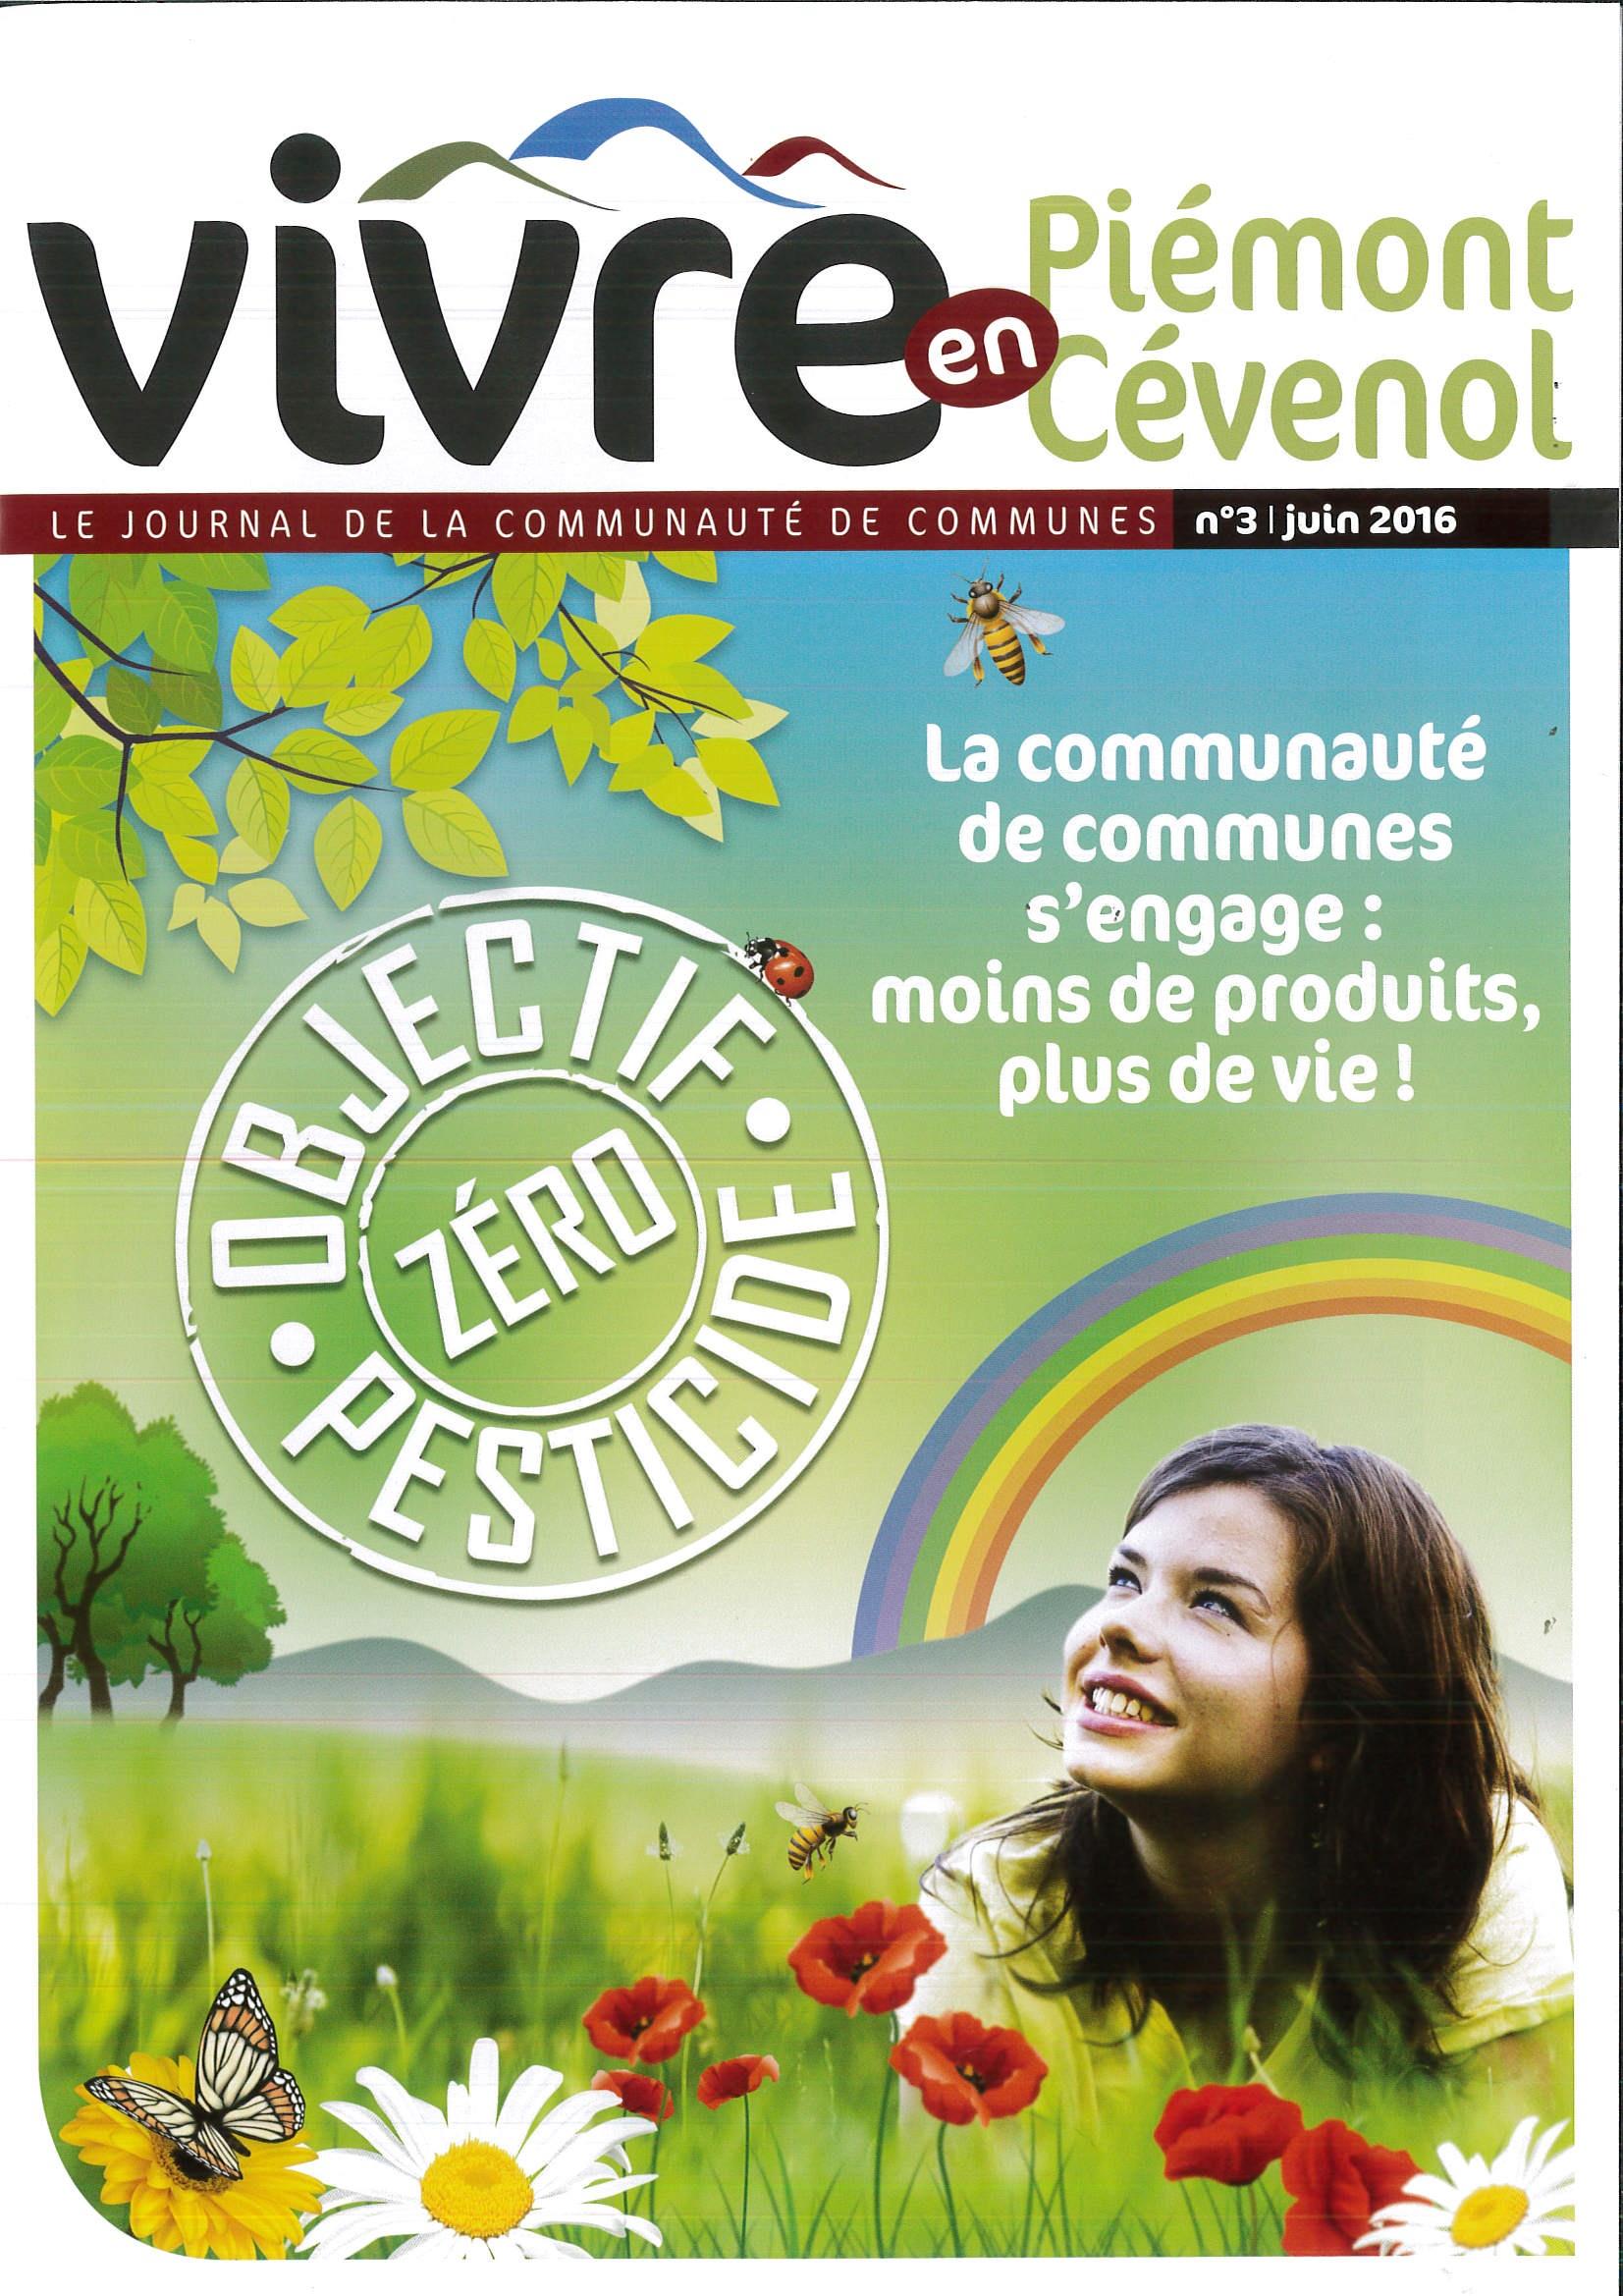 La Communauté de Communes du Piémont Cévenol s'engage pour préserver la ressource en eau et protéger notre santé !